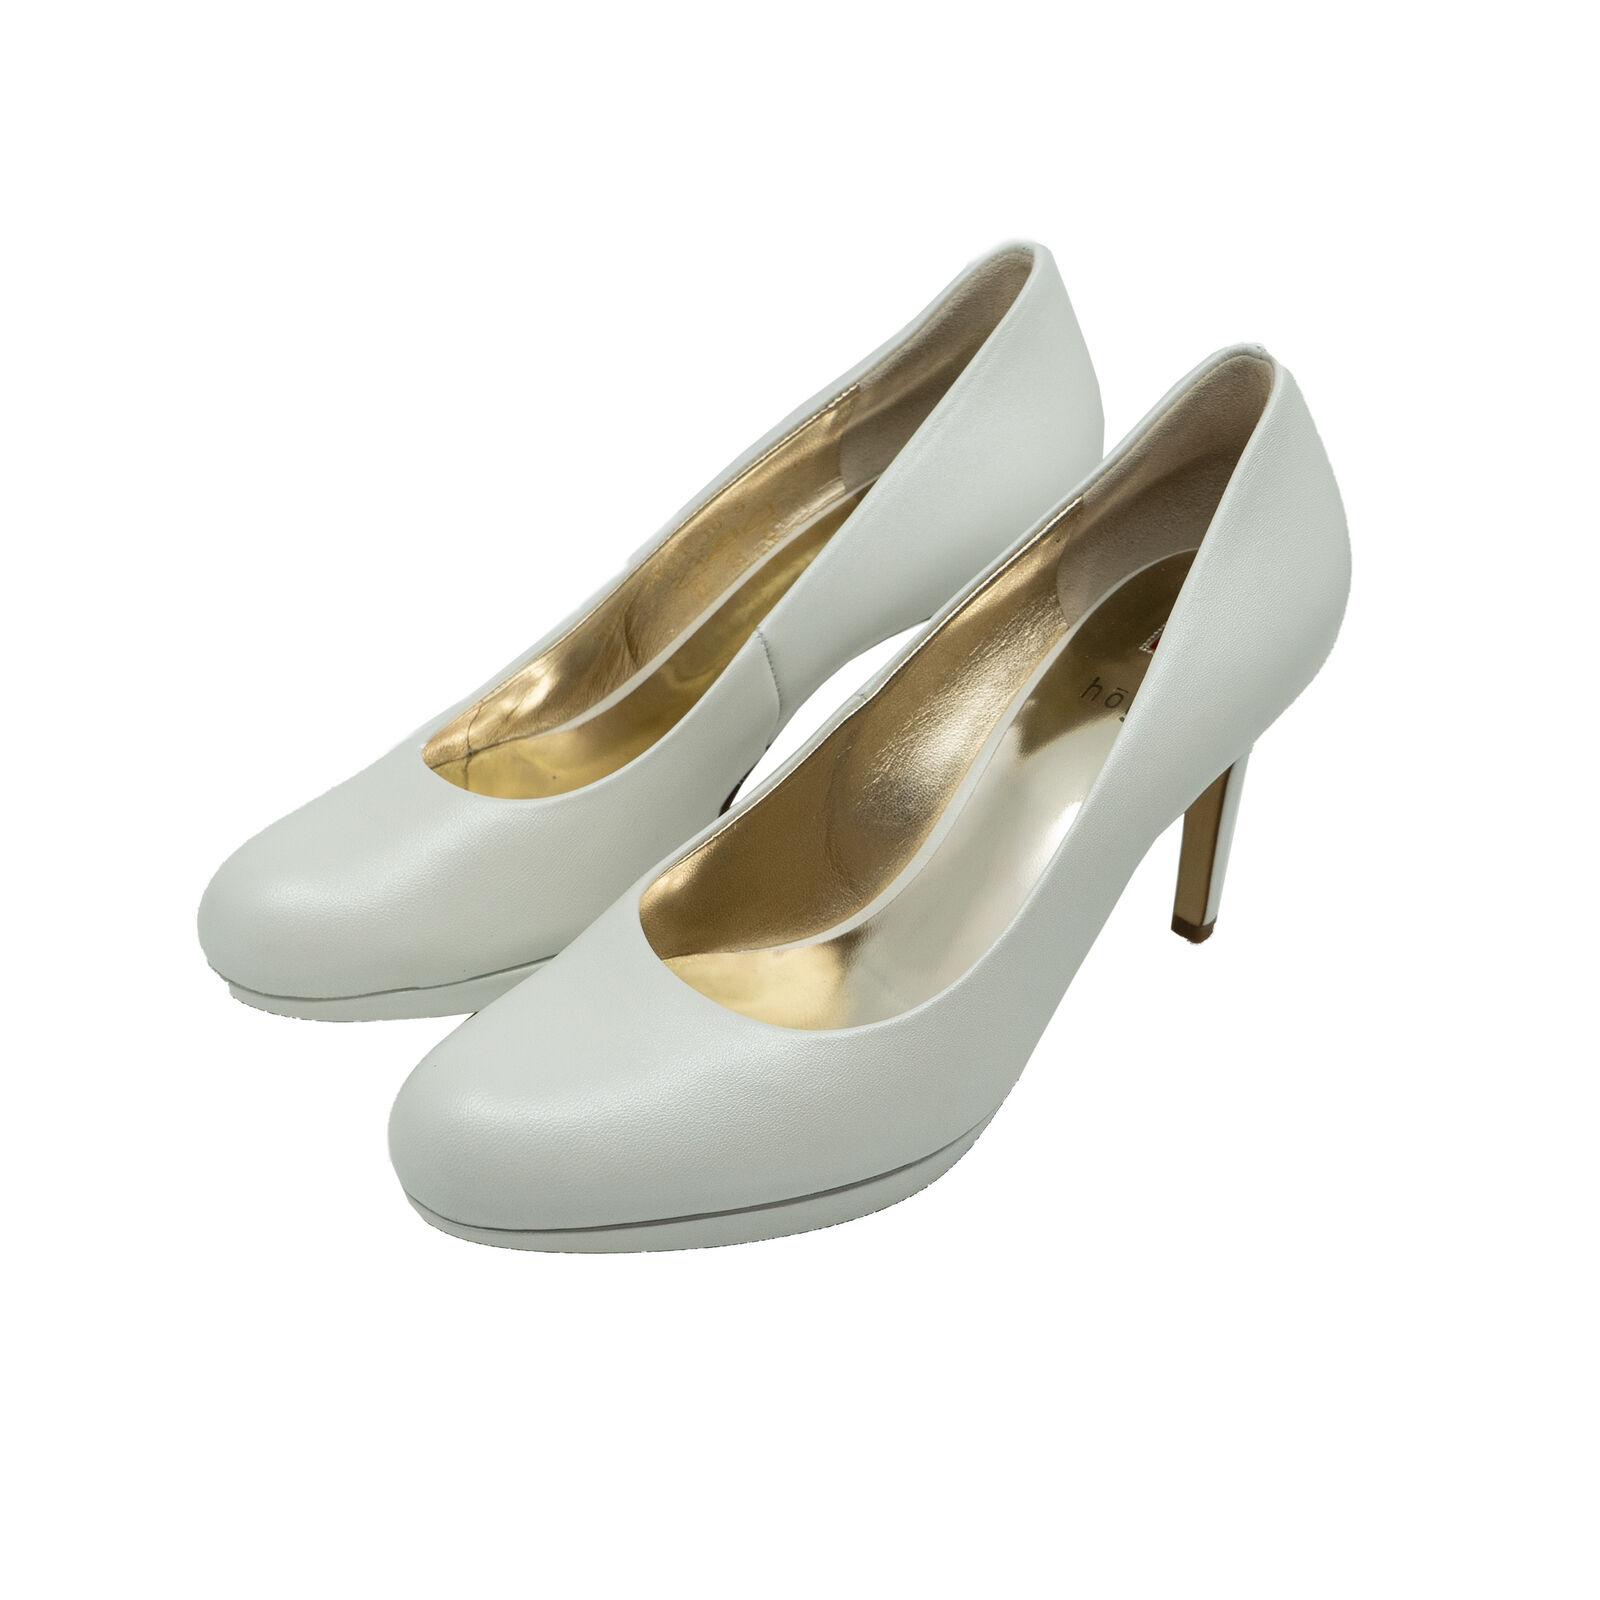 Högl 5-108003 Damen Runde Pumps High Heels Weiß Leder Absatz-Schuhe NEU OVP